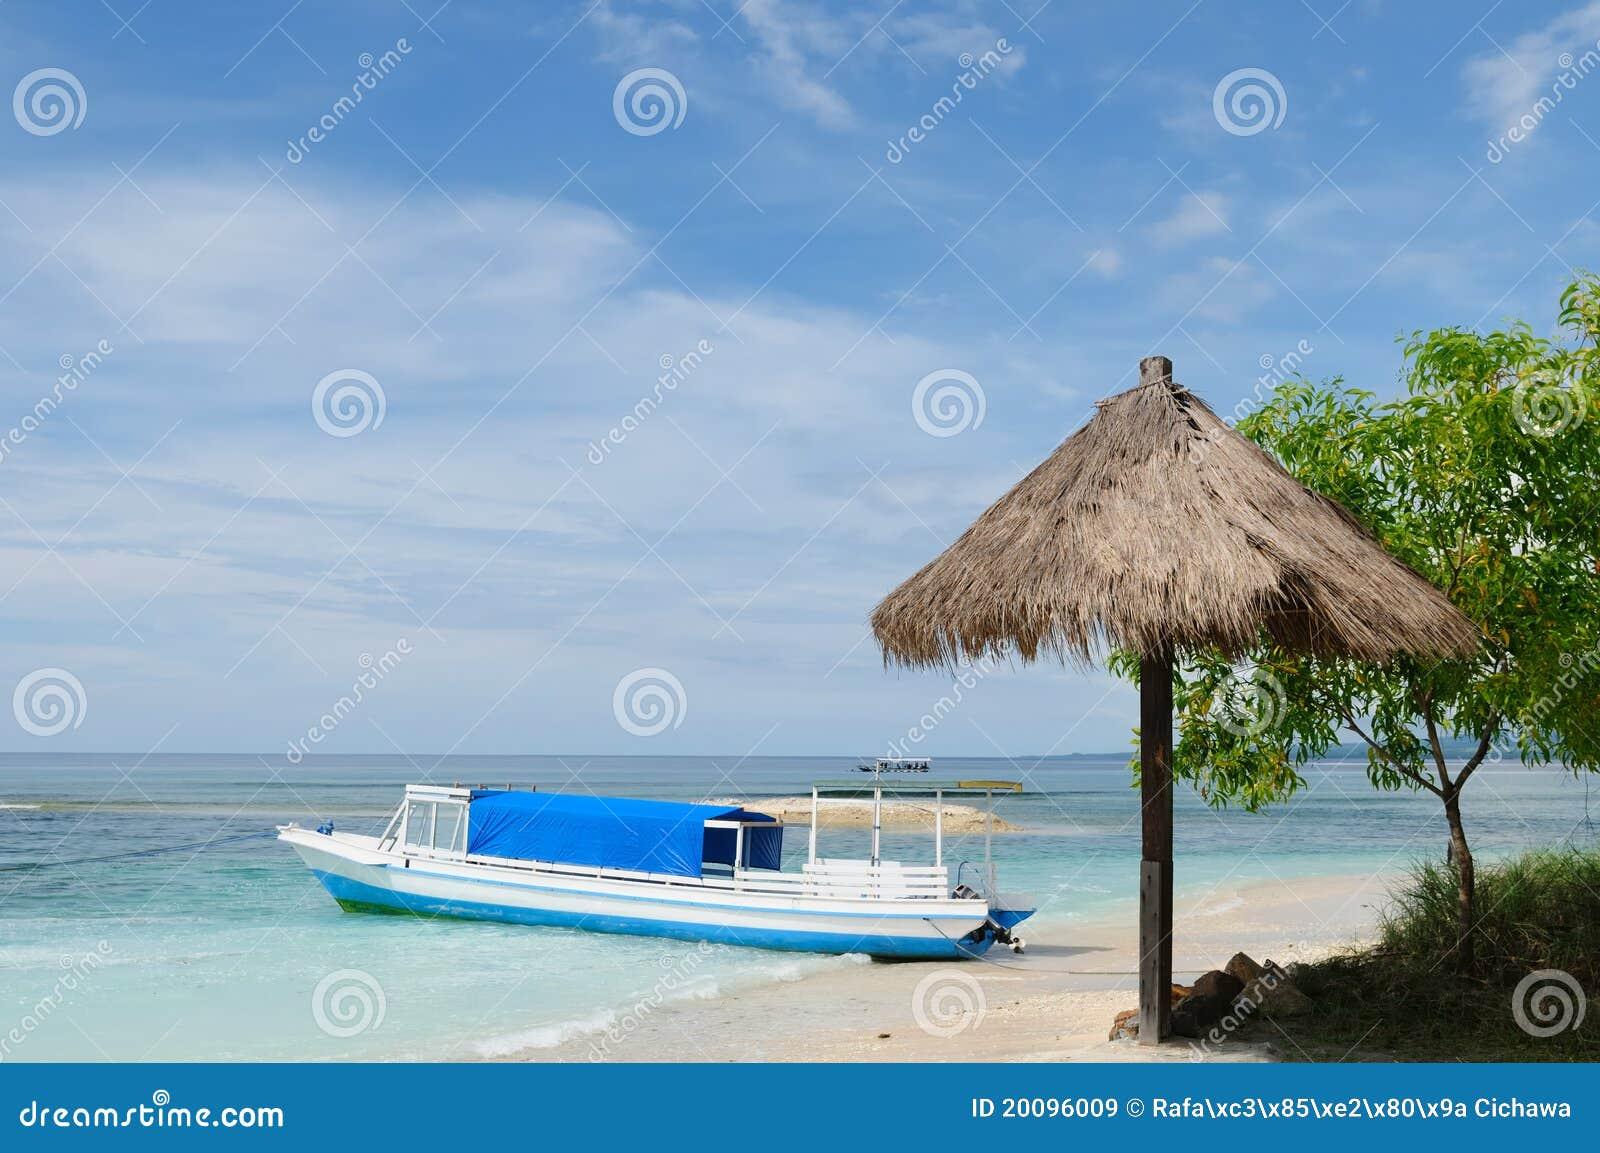 Indonesia, Lombok. Islas de Gili